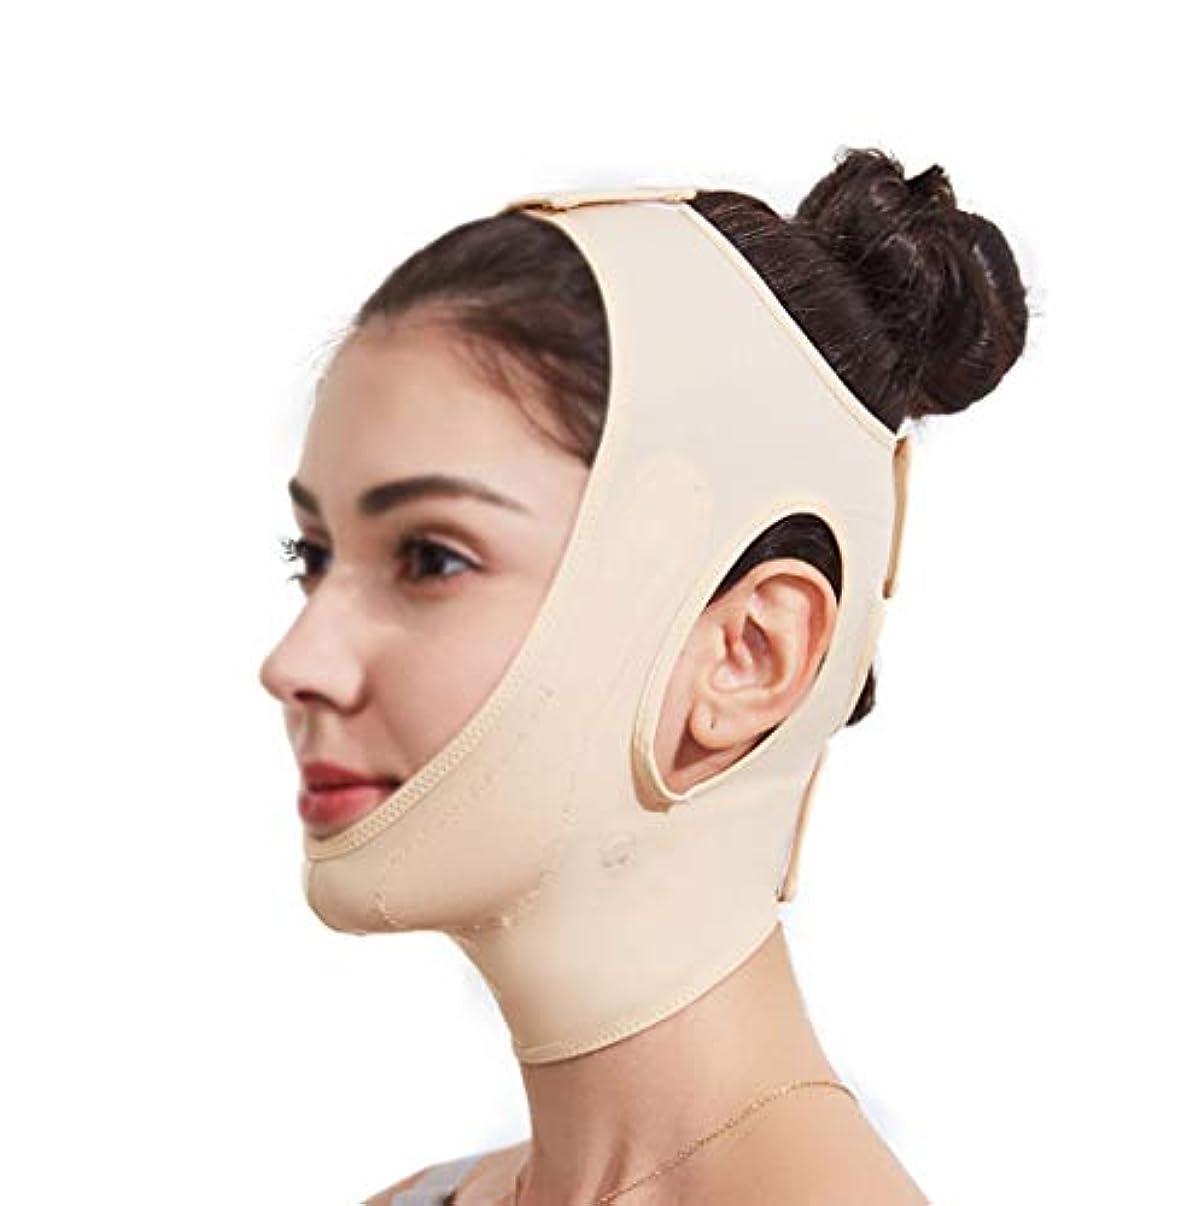 入射びん他にXHLMRMJ フェイスリフティングマスク、360°オールラウンドリフティングフェイシャル輪郭、あごを閉じて肌を引き締め、快適でフェイスライトをサポートし、通気性 (Size : Skin color)